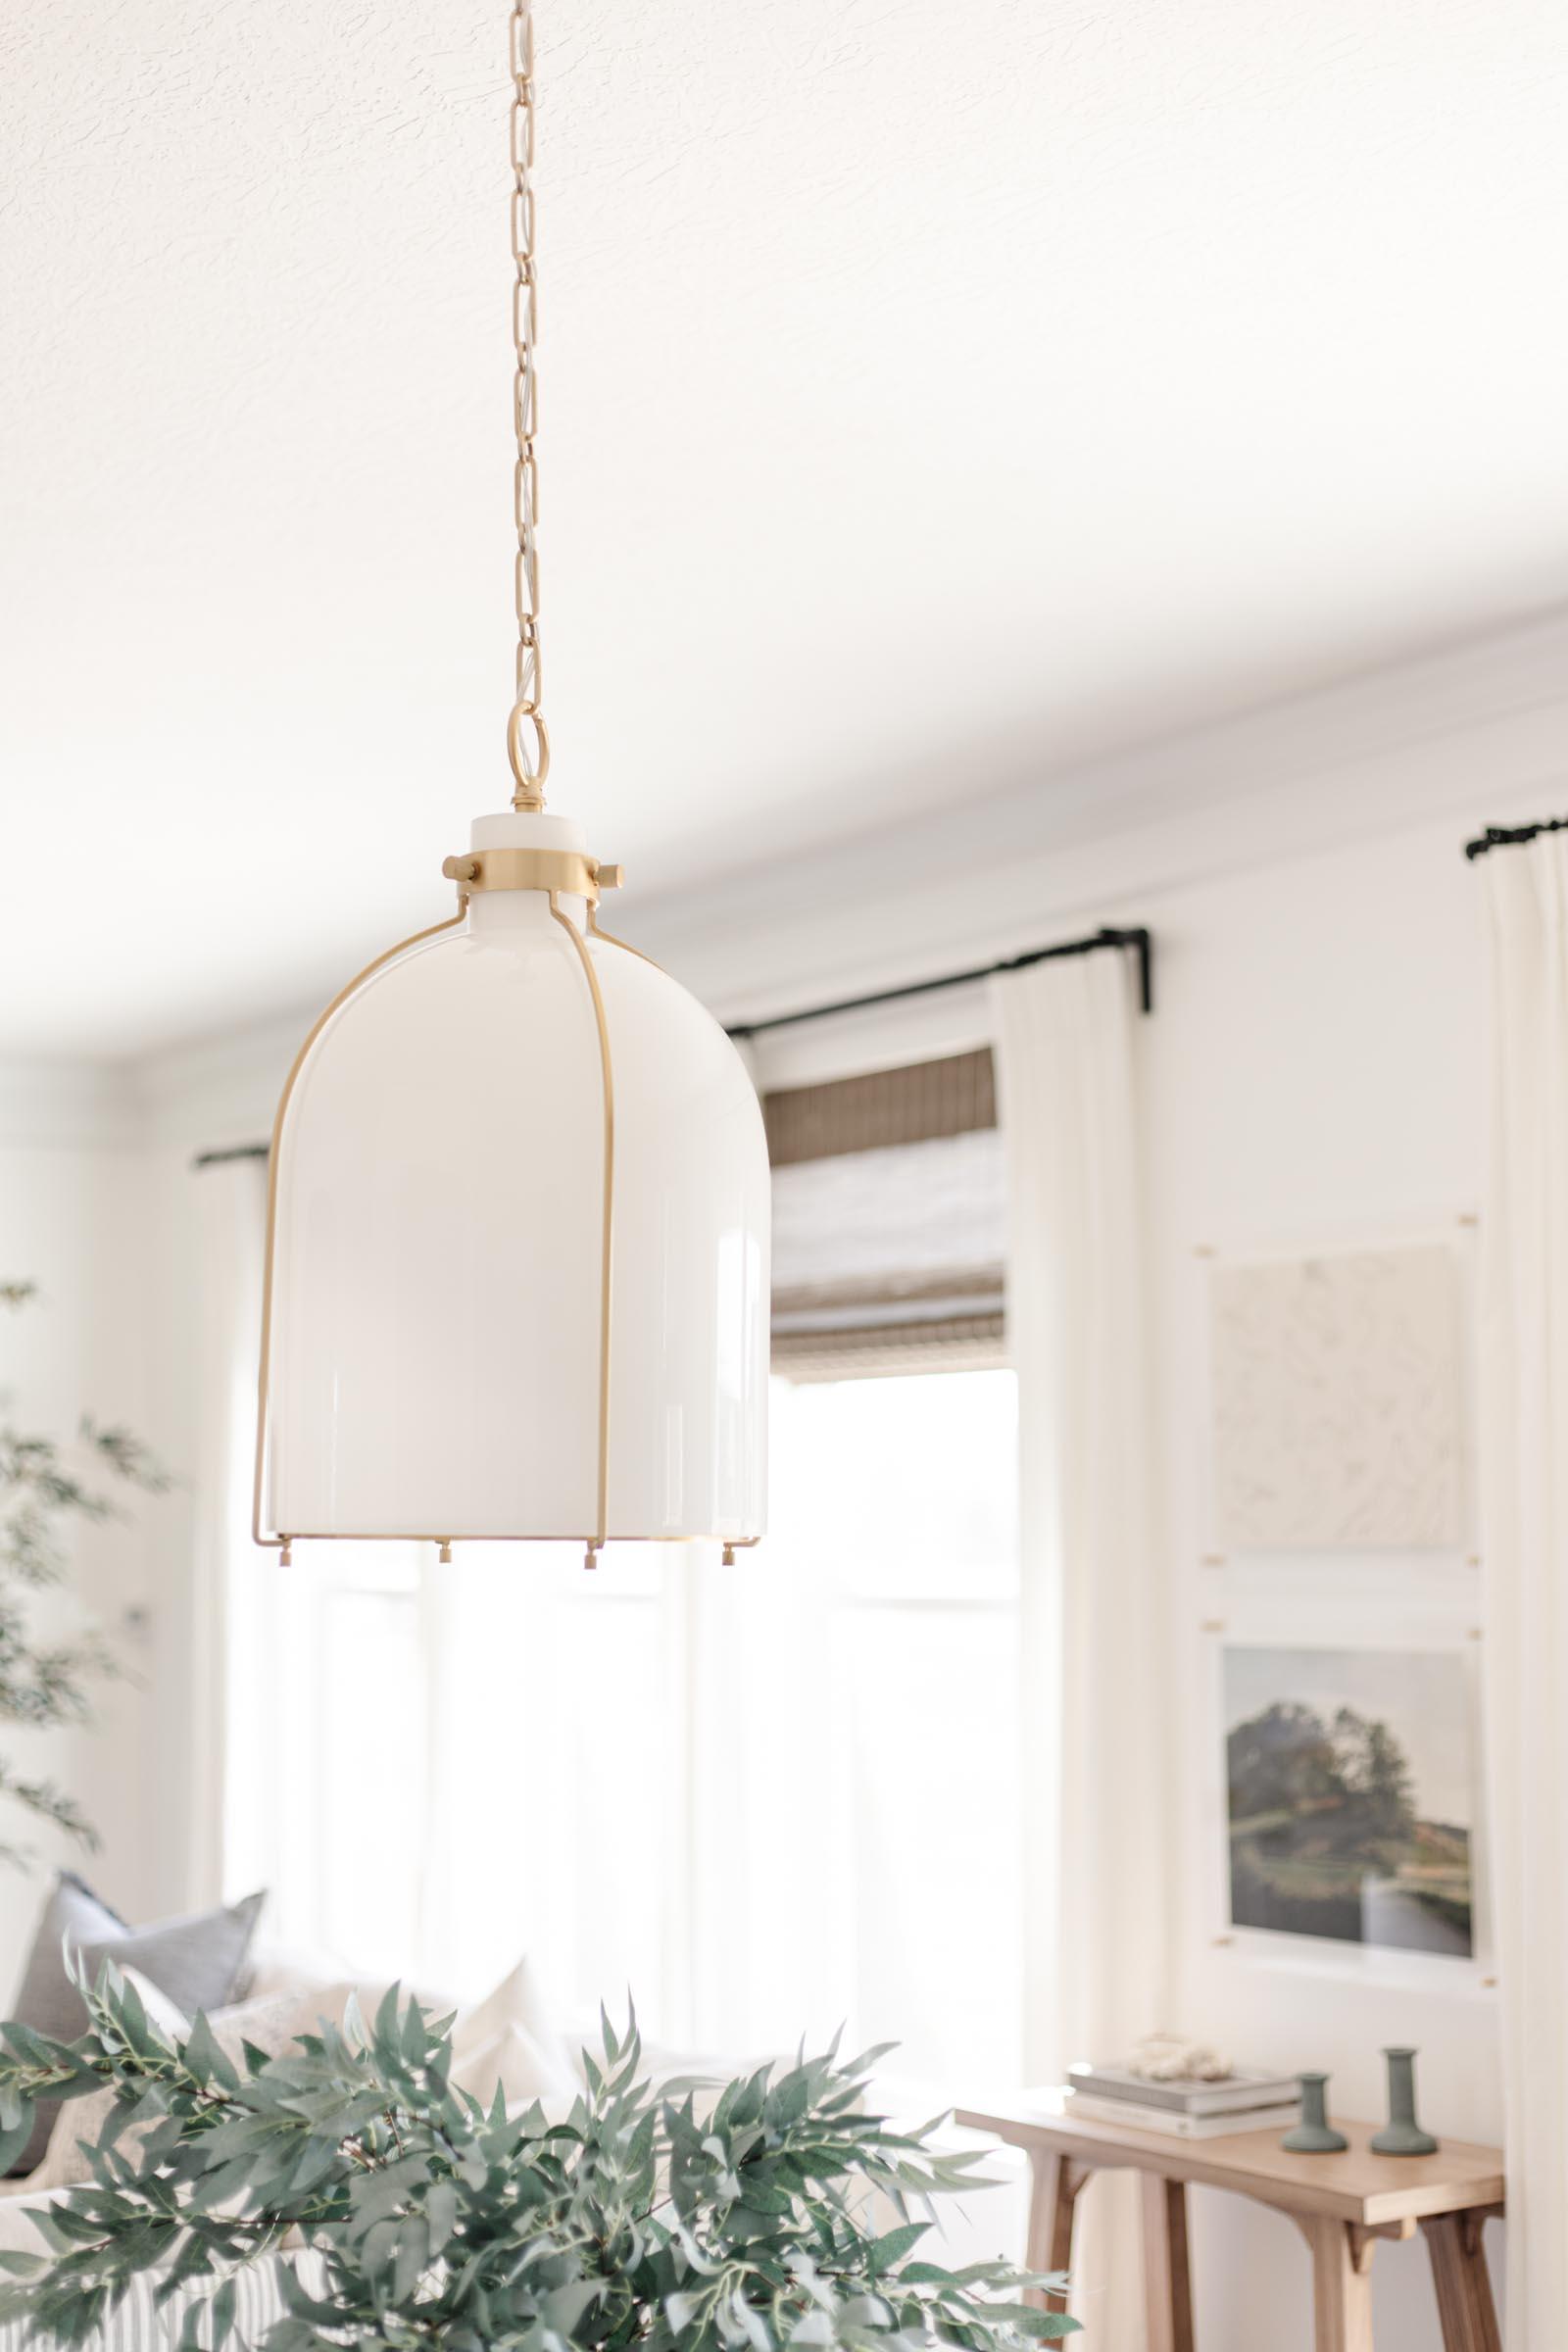 Hudson Valley Lighting Eldridge aged brass pendant